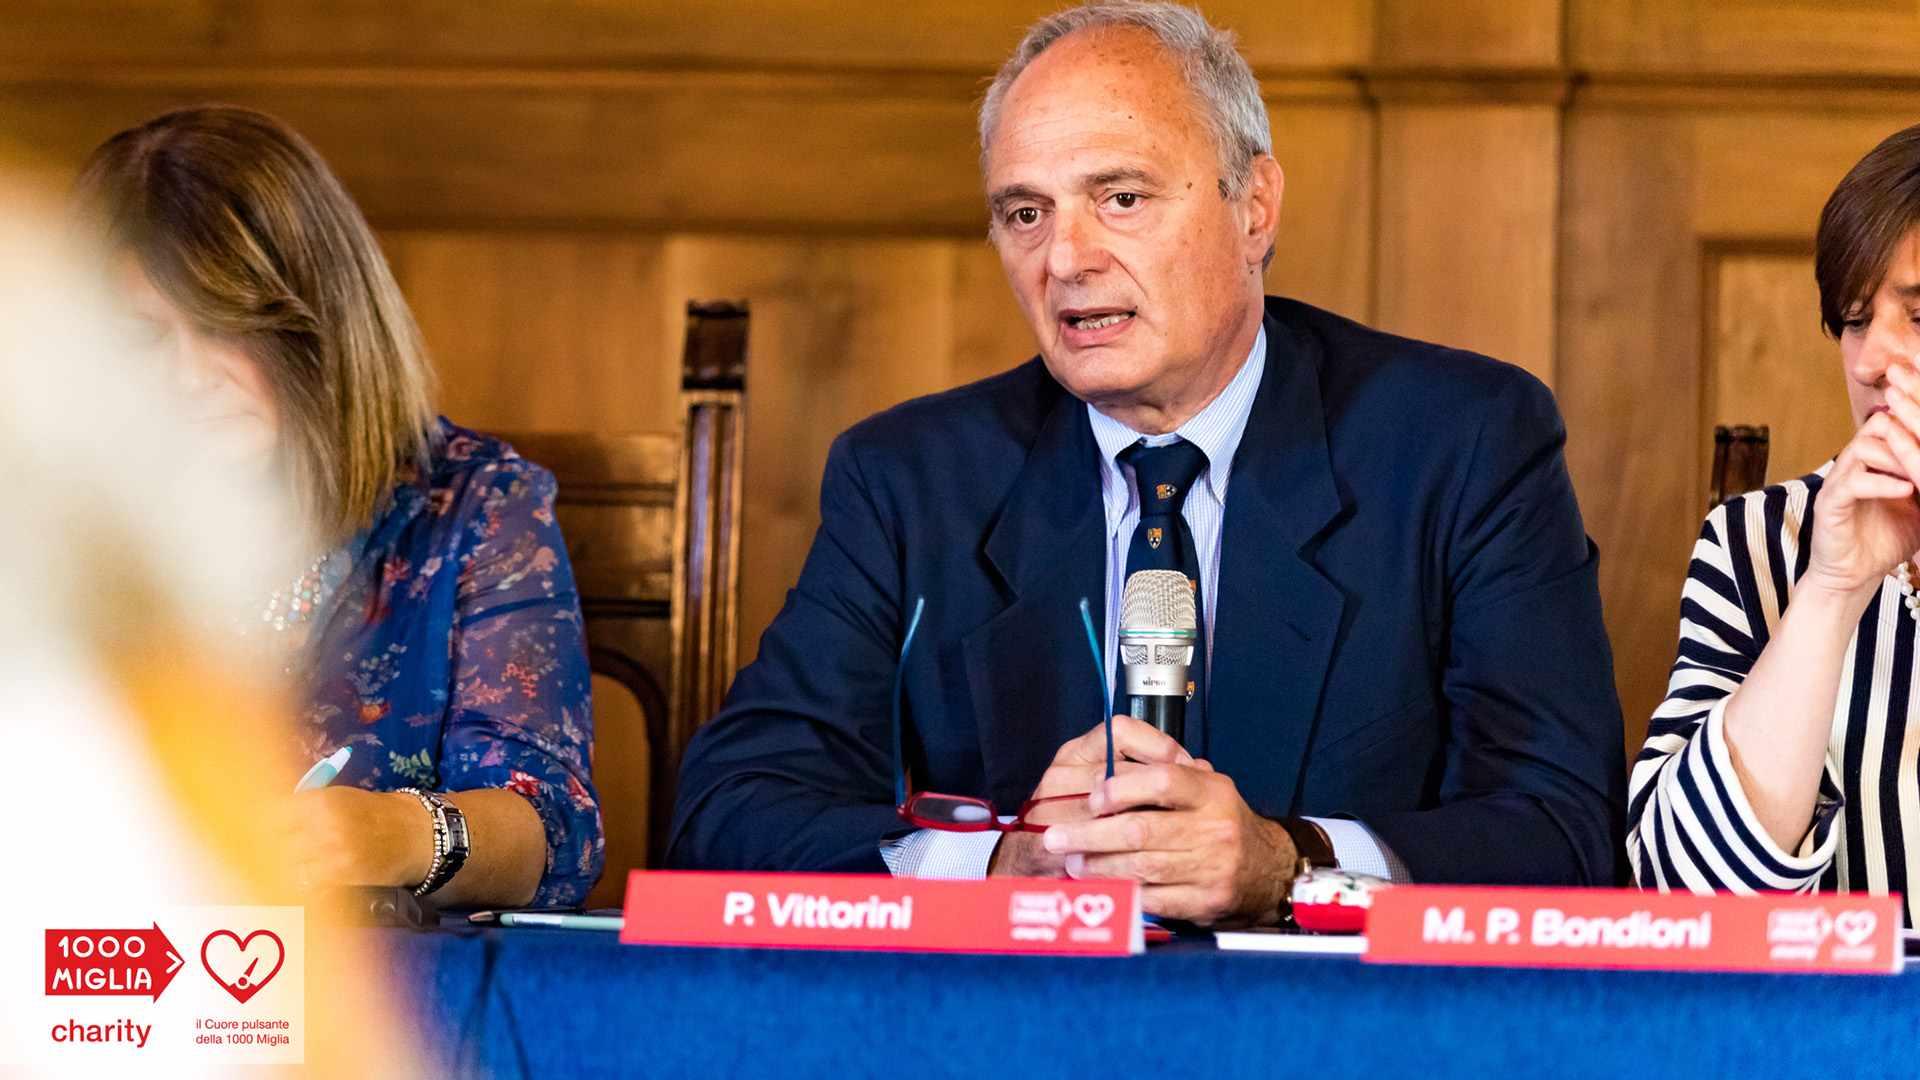 1000 Miglia Charity - Piergiorgio Vittorini - Presidente AC Brescia